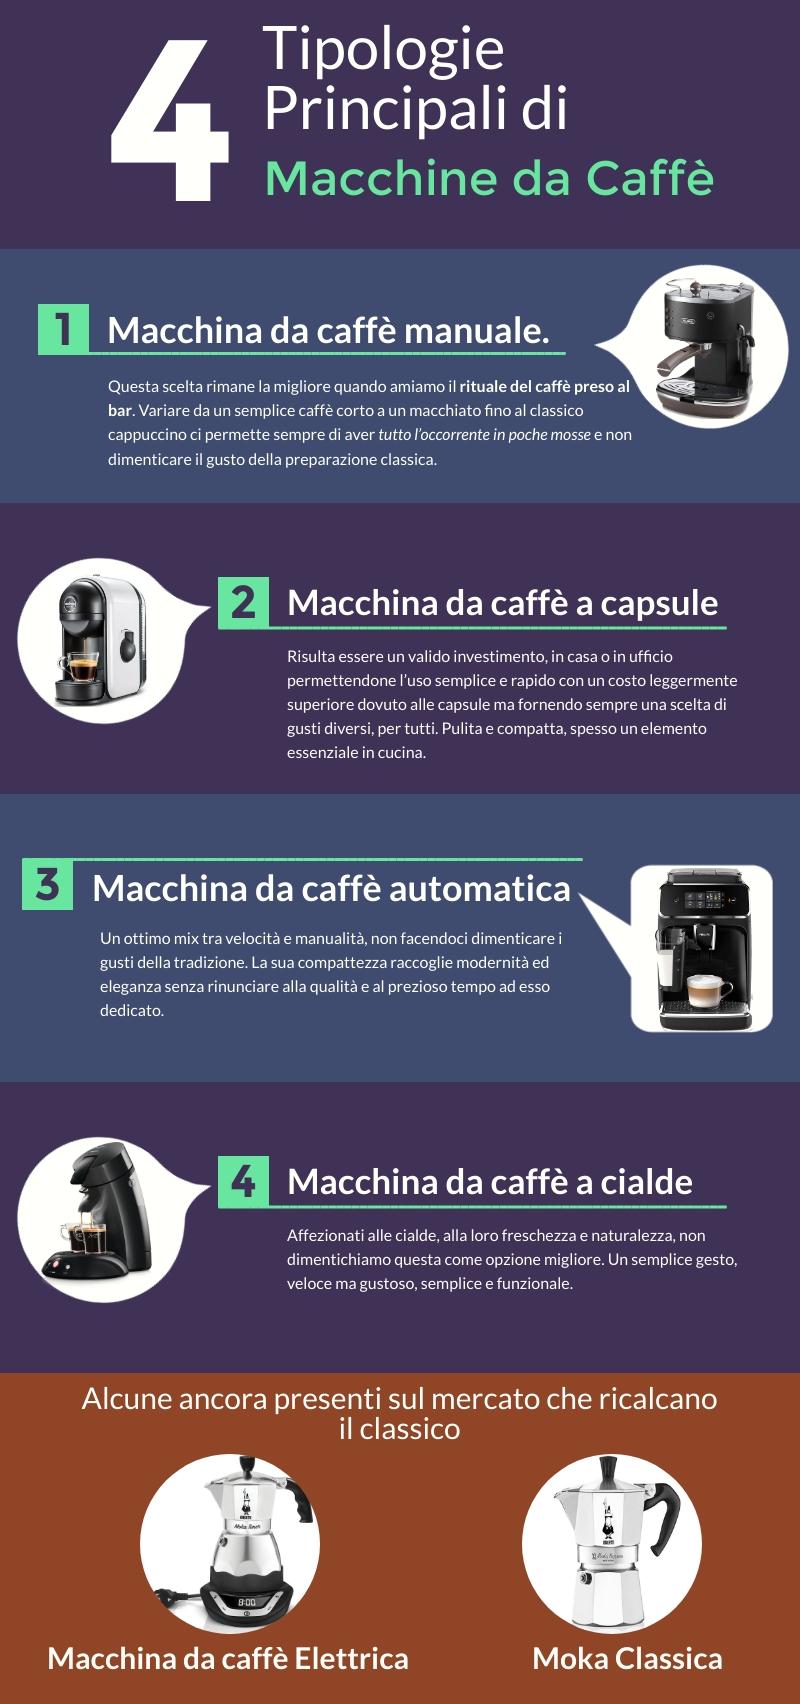 esistono quattro tipologie principali di macchine da caffè